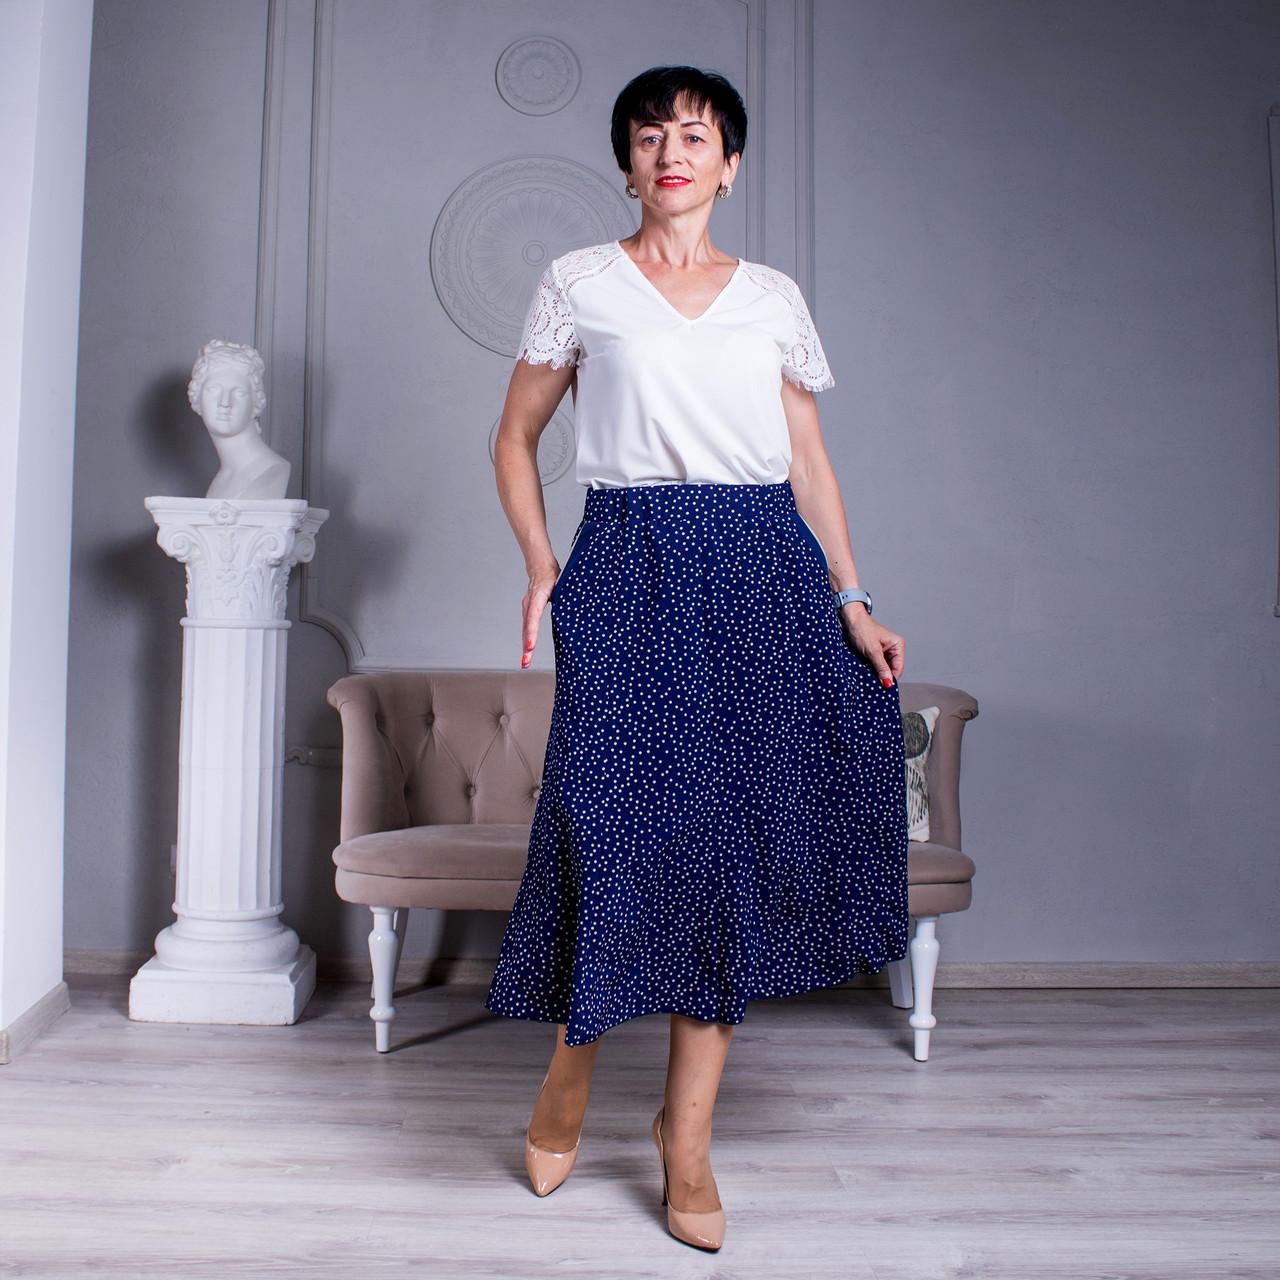 Женская юбка клеш Тая софт синяя с беж горошком